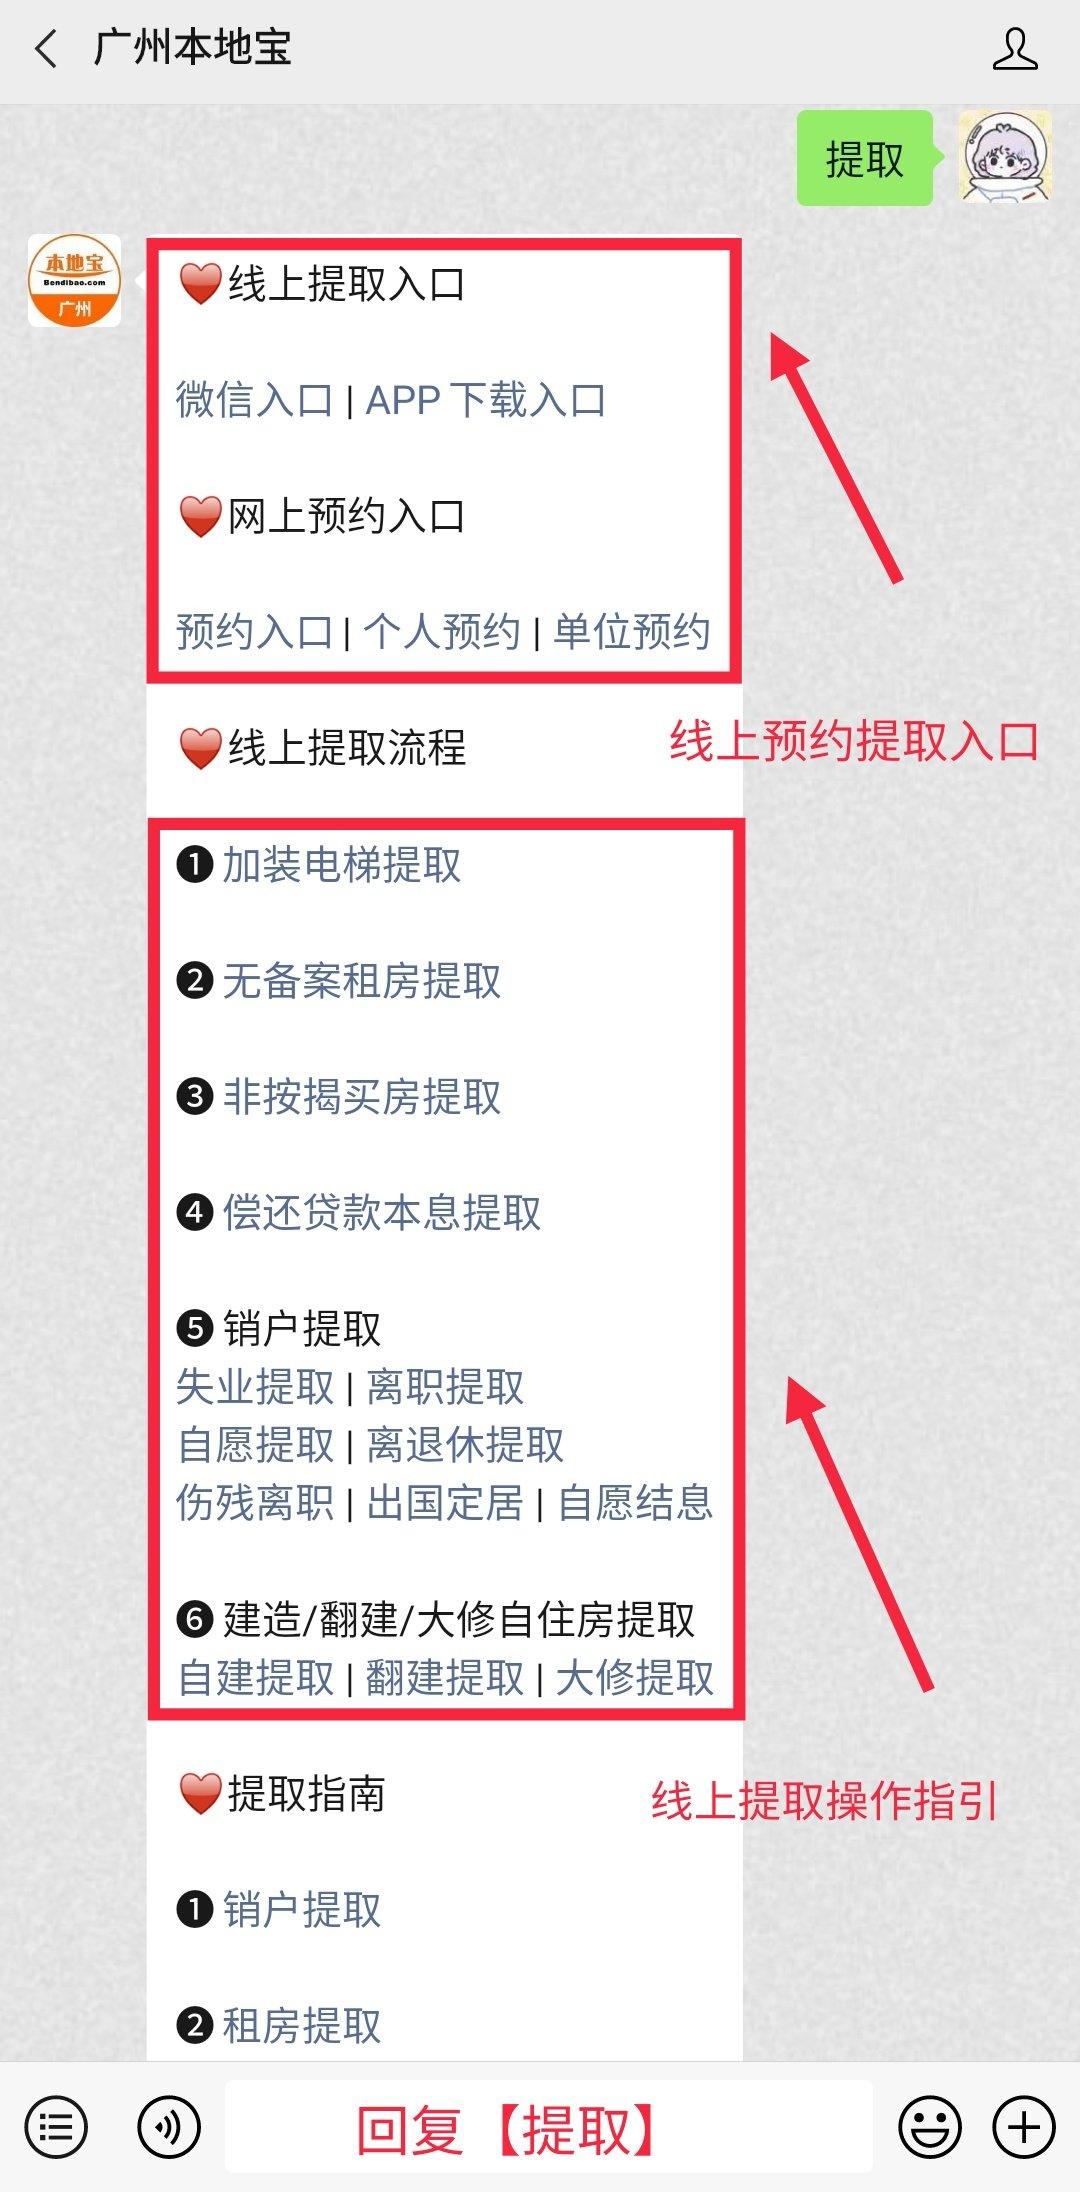 2020广州公积金手机提取流程汇总 仅提本人个人子账户余额